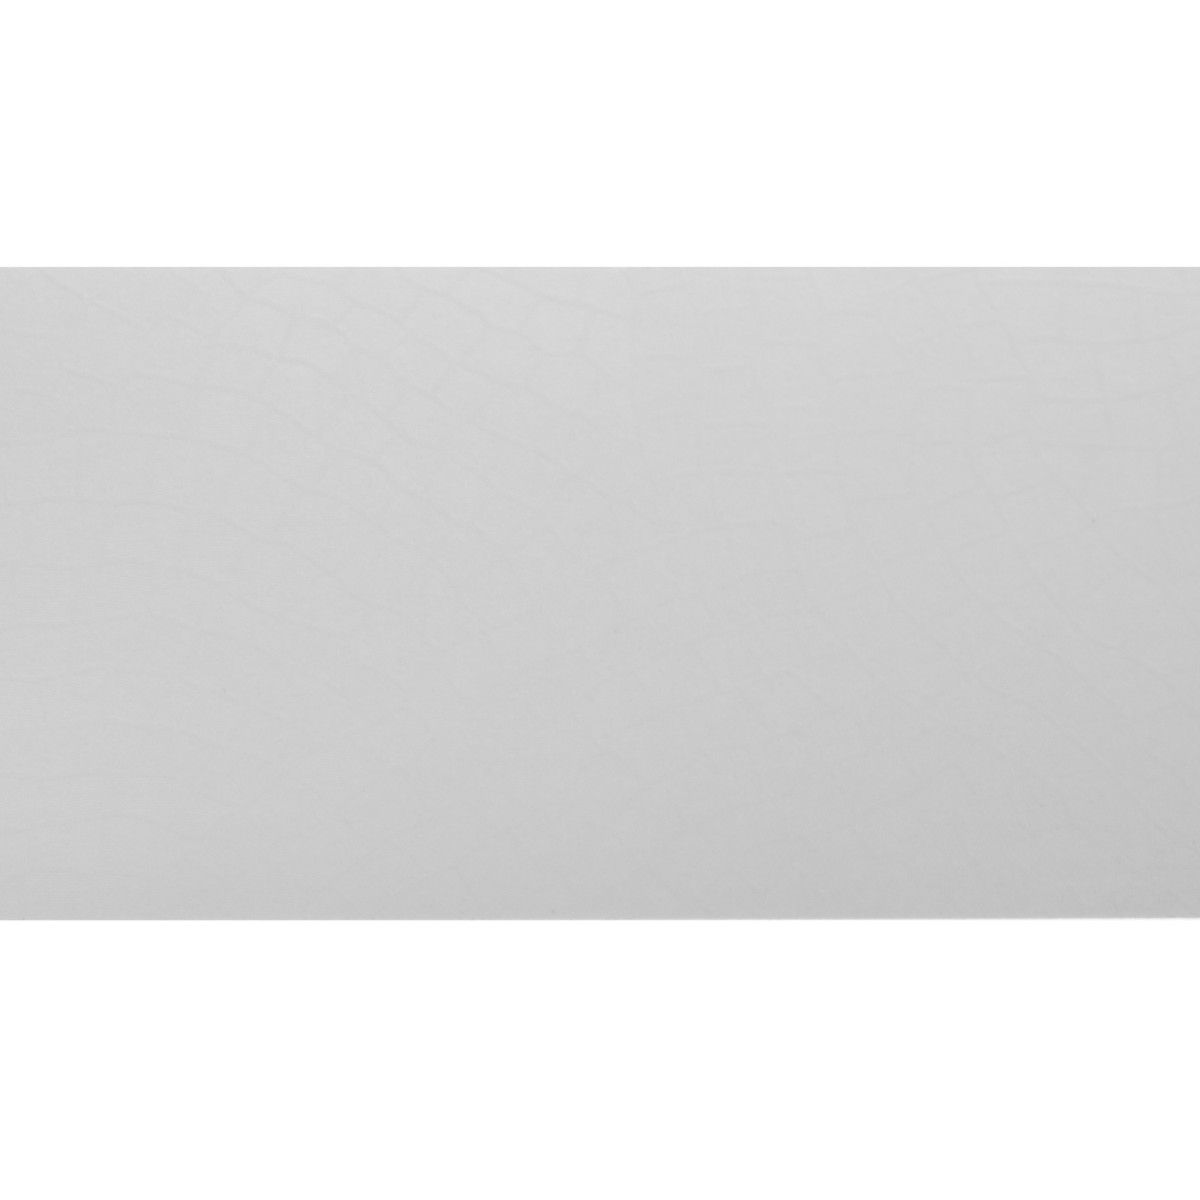 Кромка №1000 с клеем для столешницы 305х4.2 см цвет белый